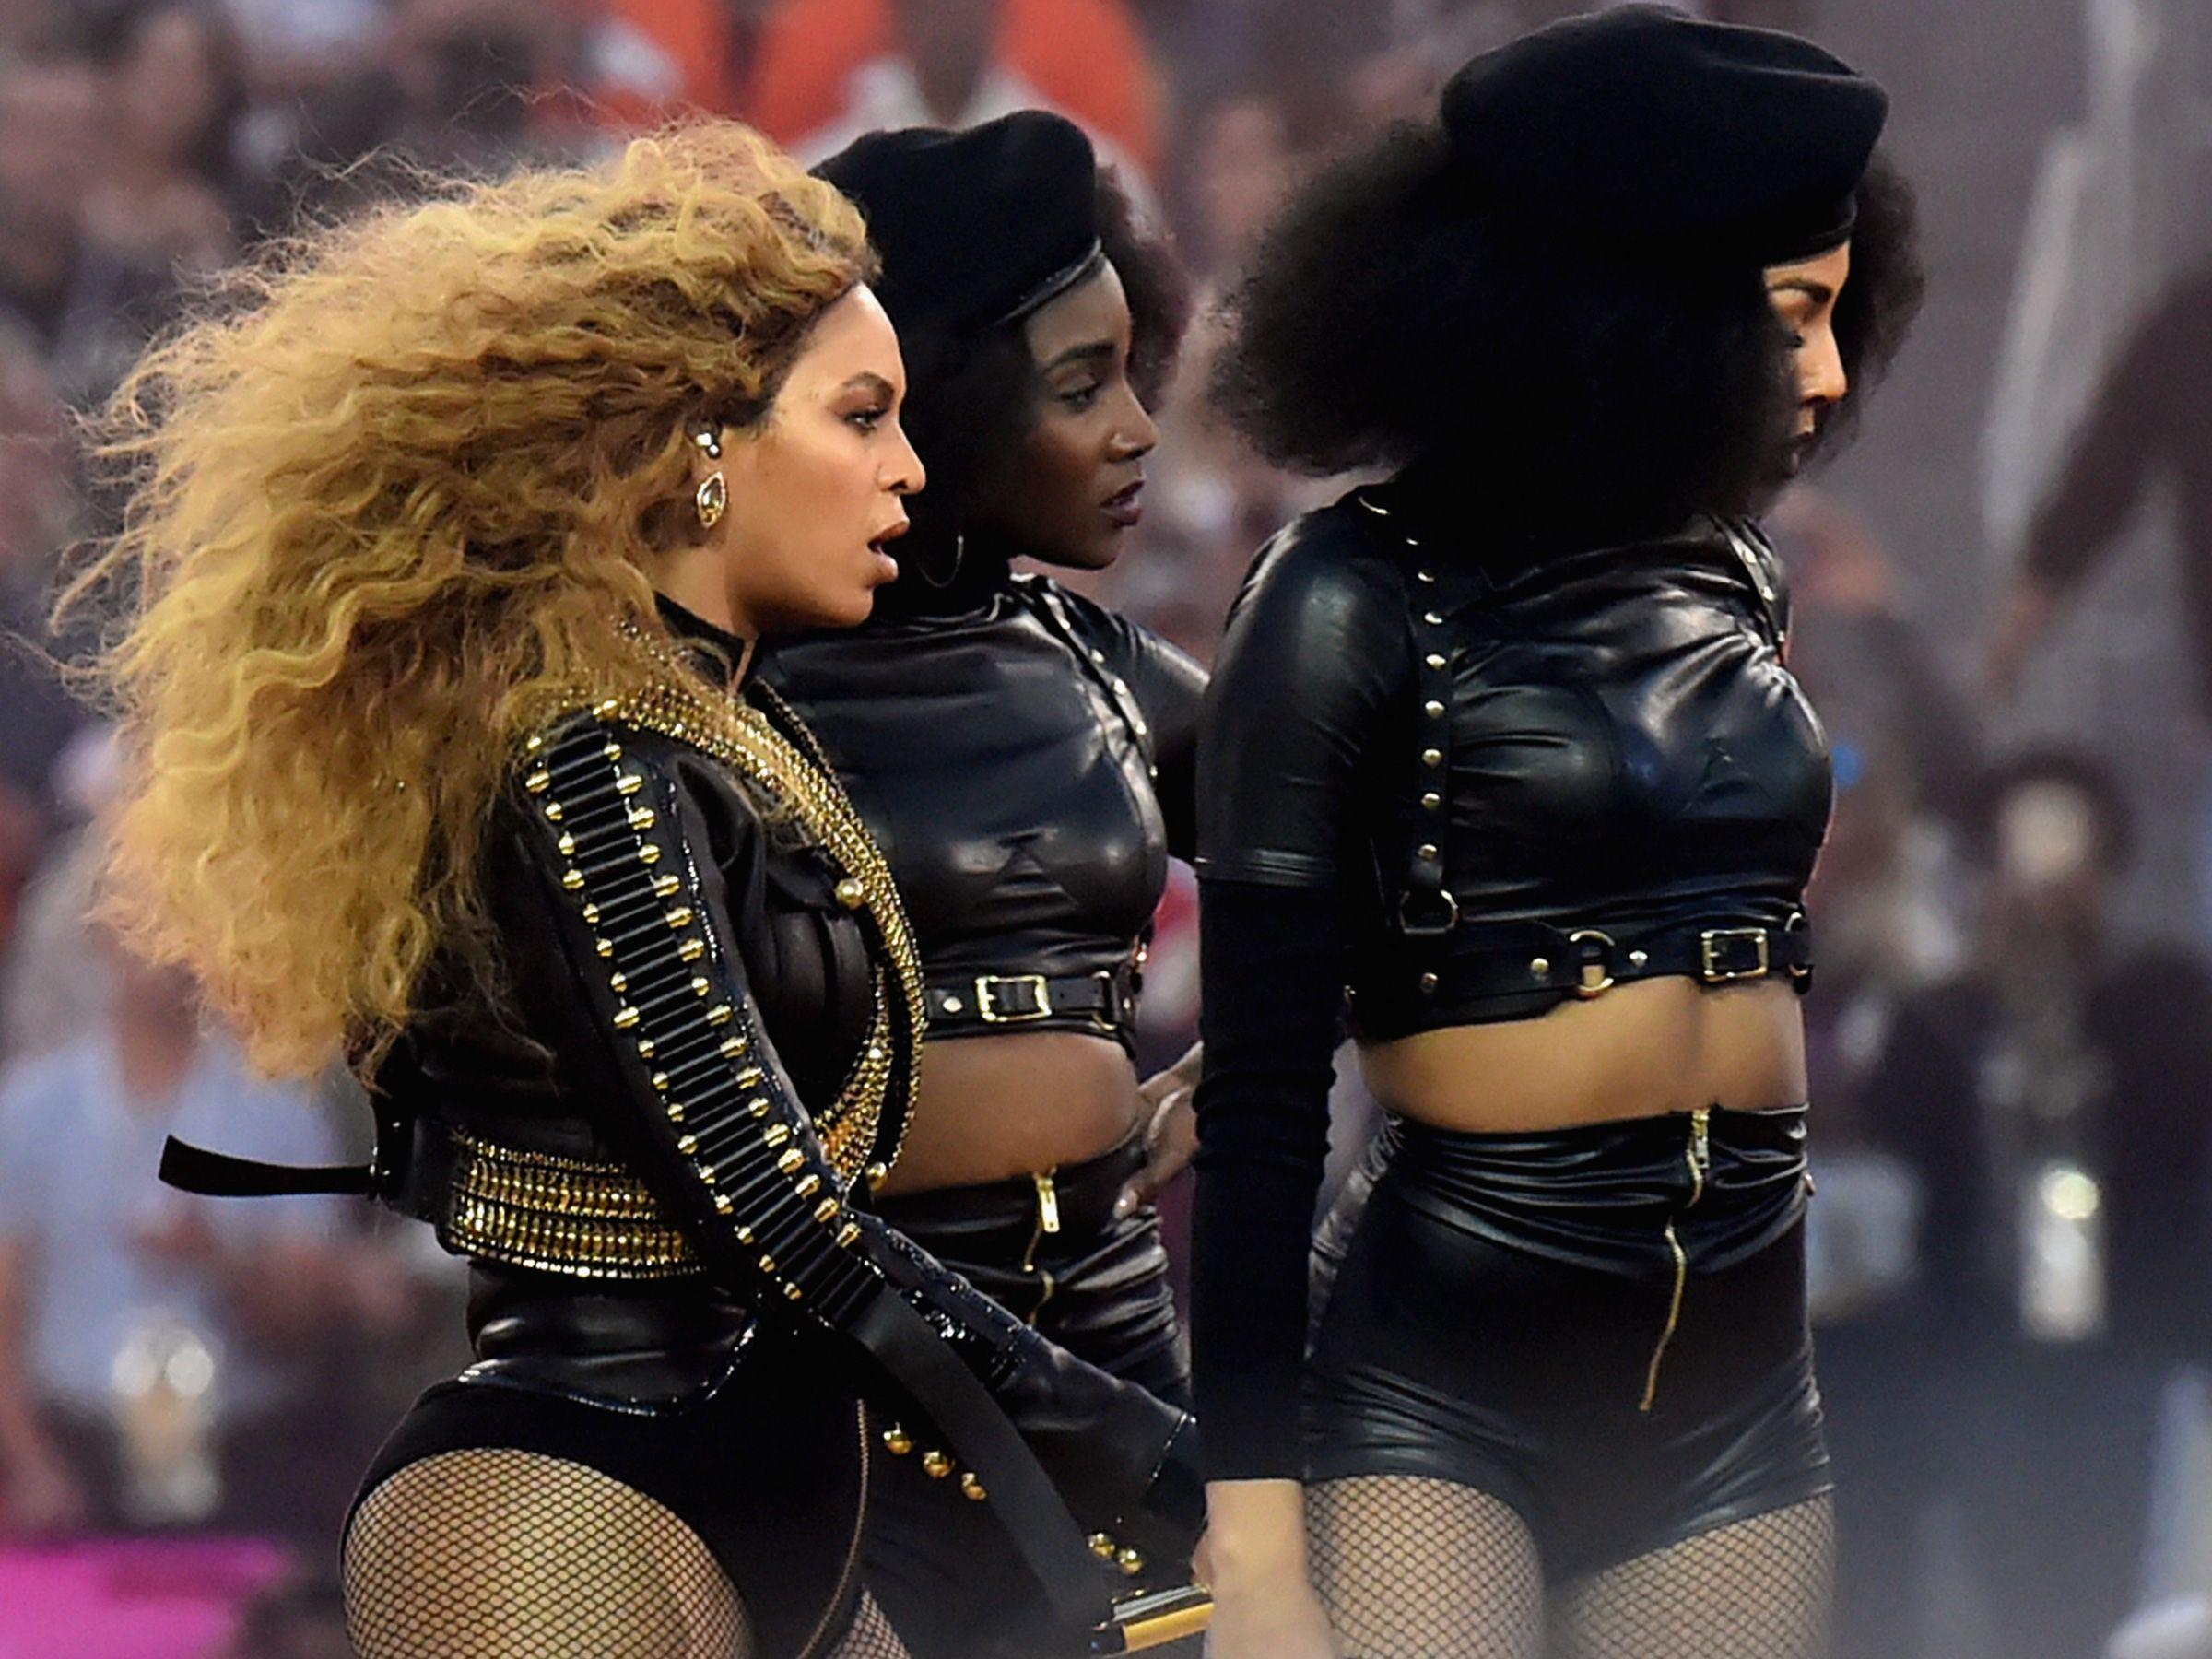 Le nuove icone del pop sono Rihanna, Beyonce, Kim Kardashian e le loro seguaci: donne forti che riscoprono il femminismo e insegnano a vincere.